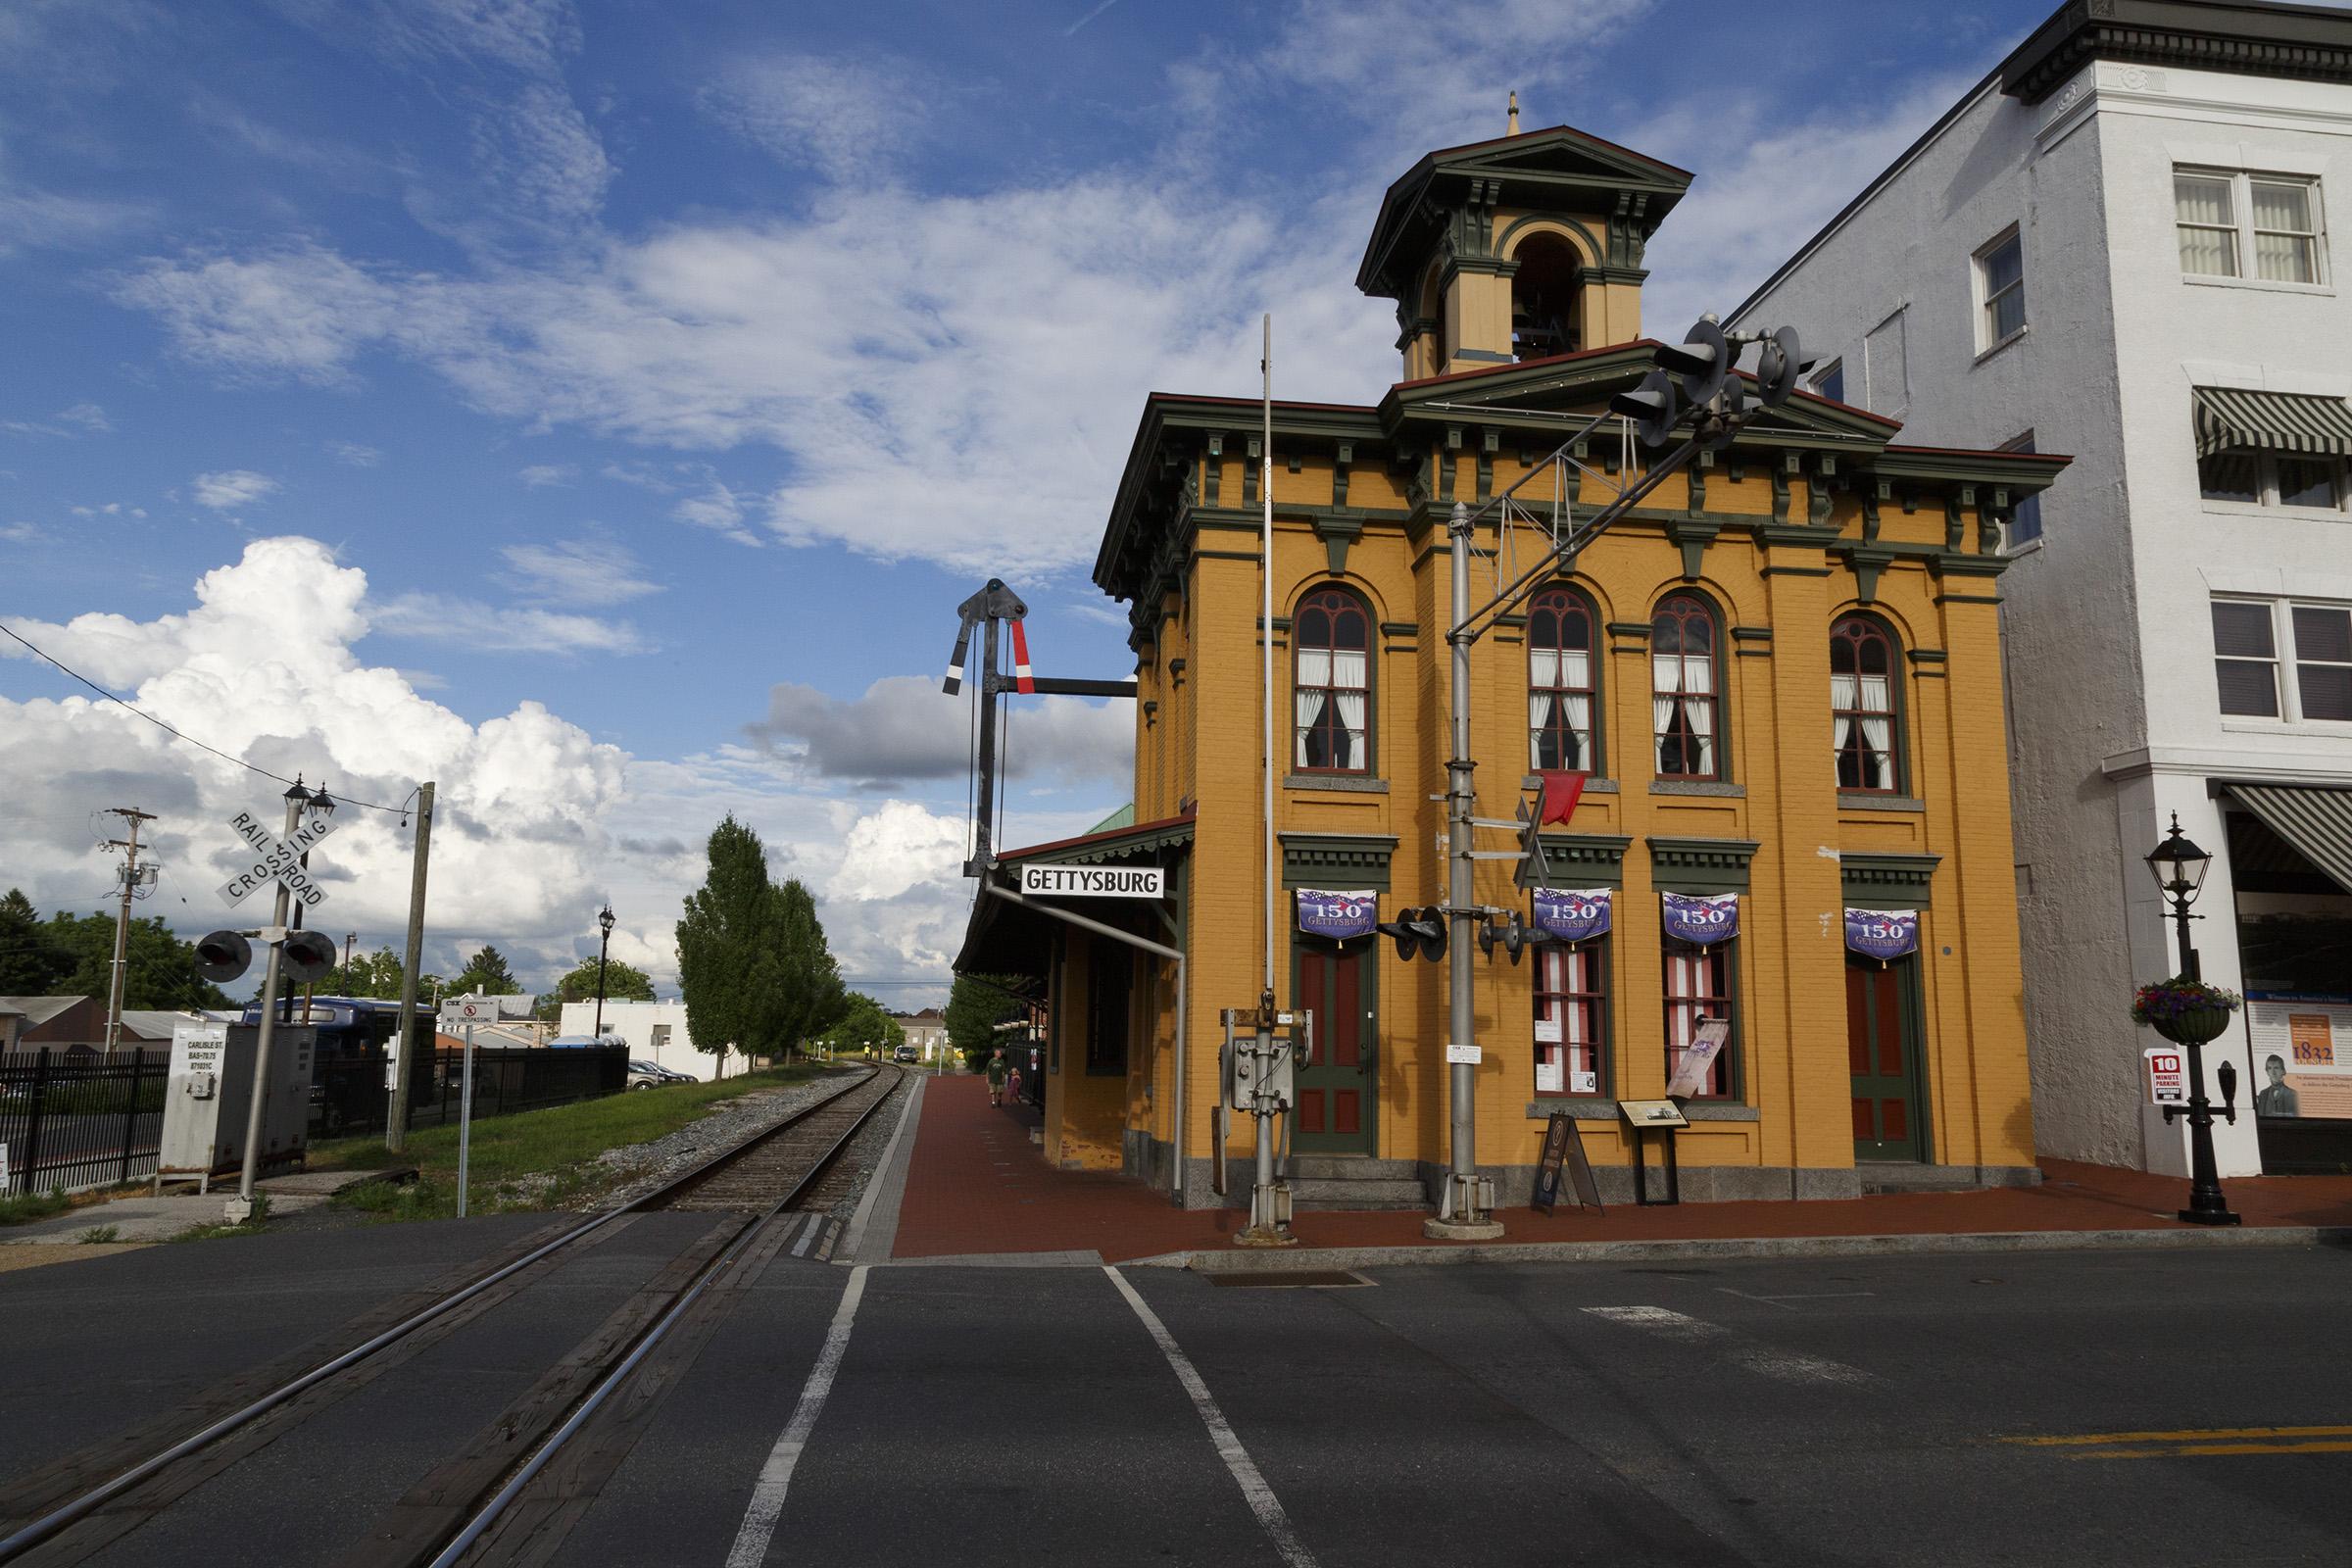 Lincoln Railroad Station